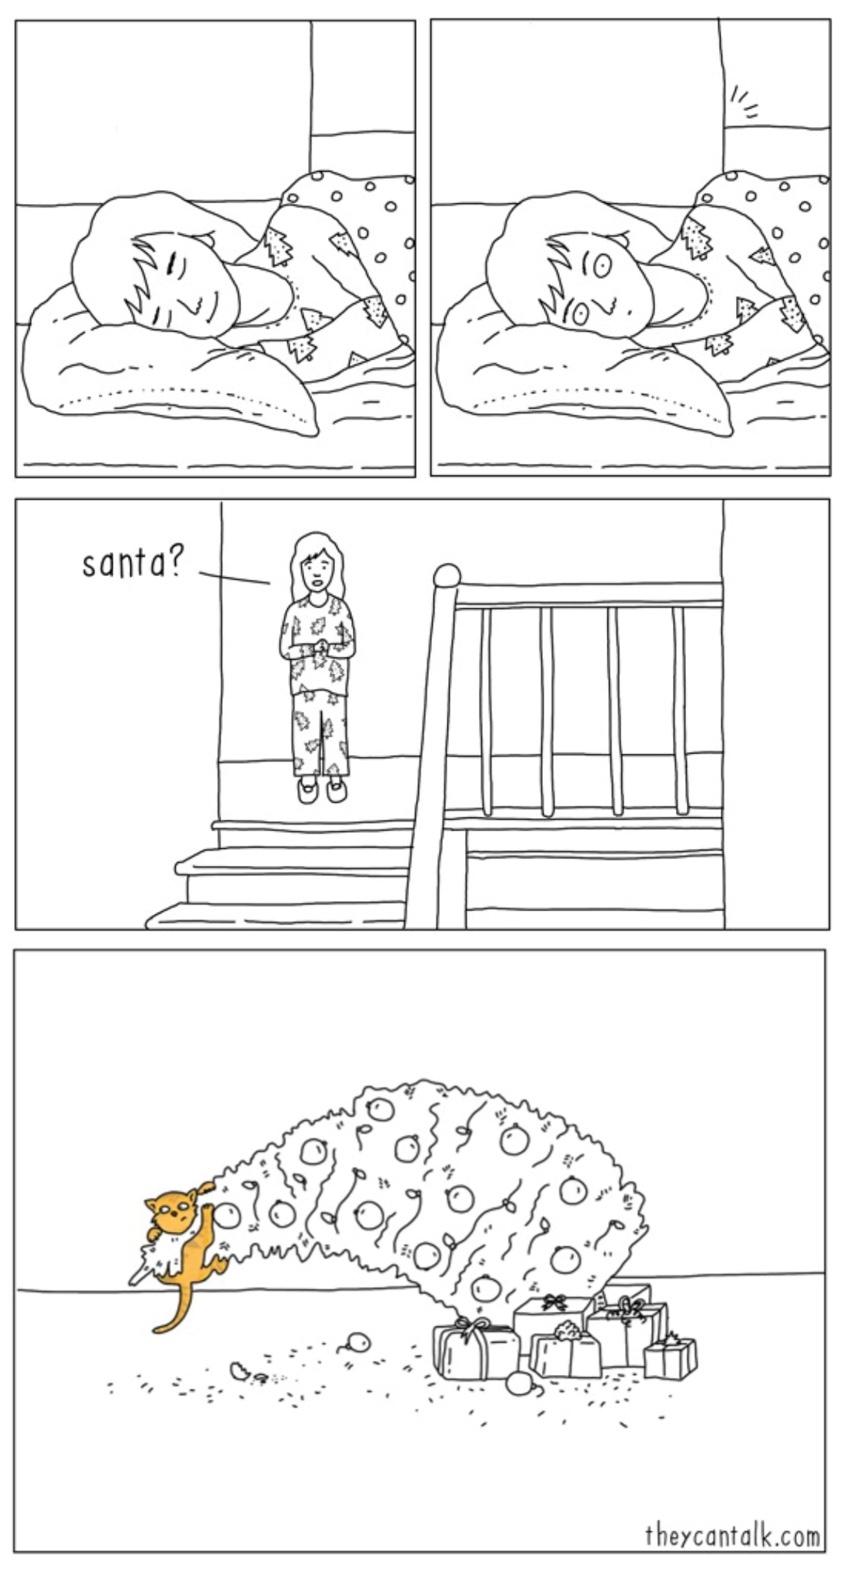 Cat-Claus - meme